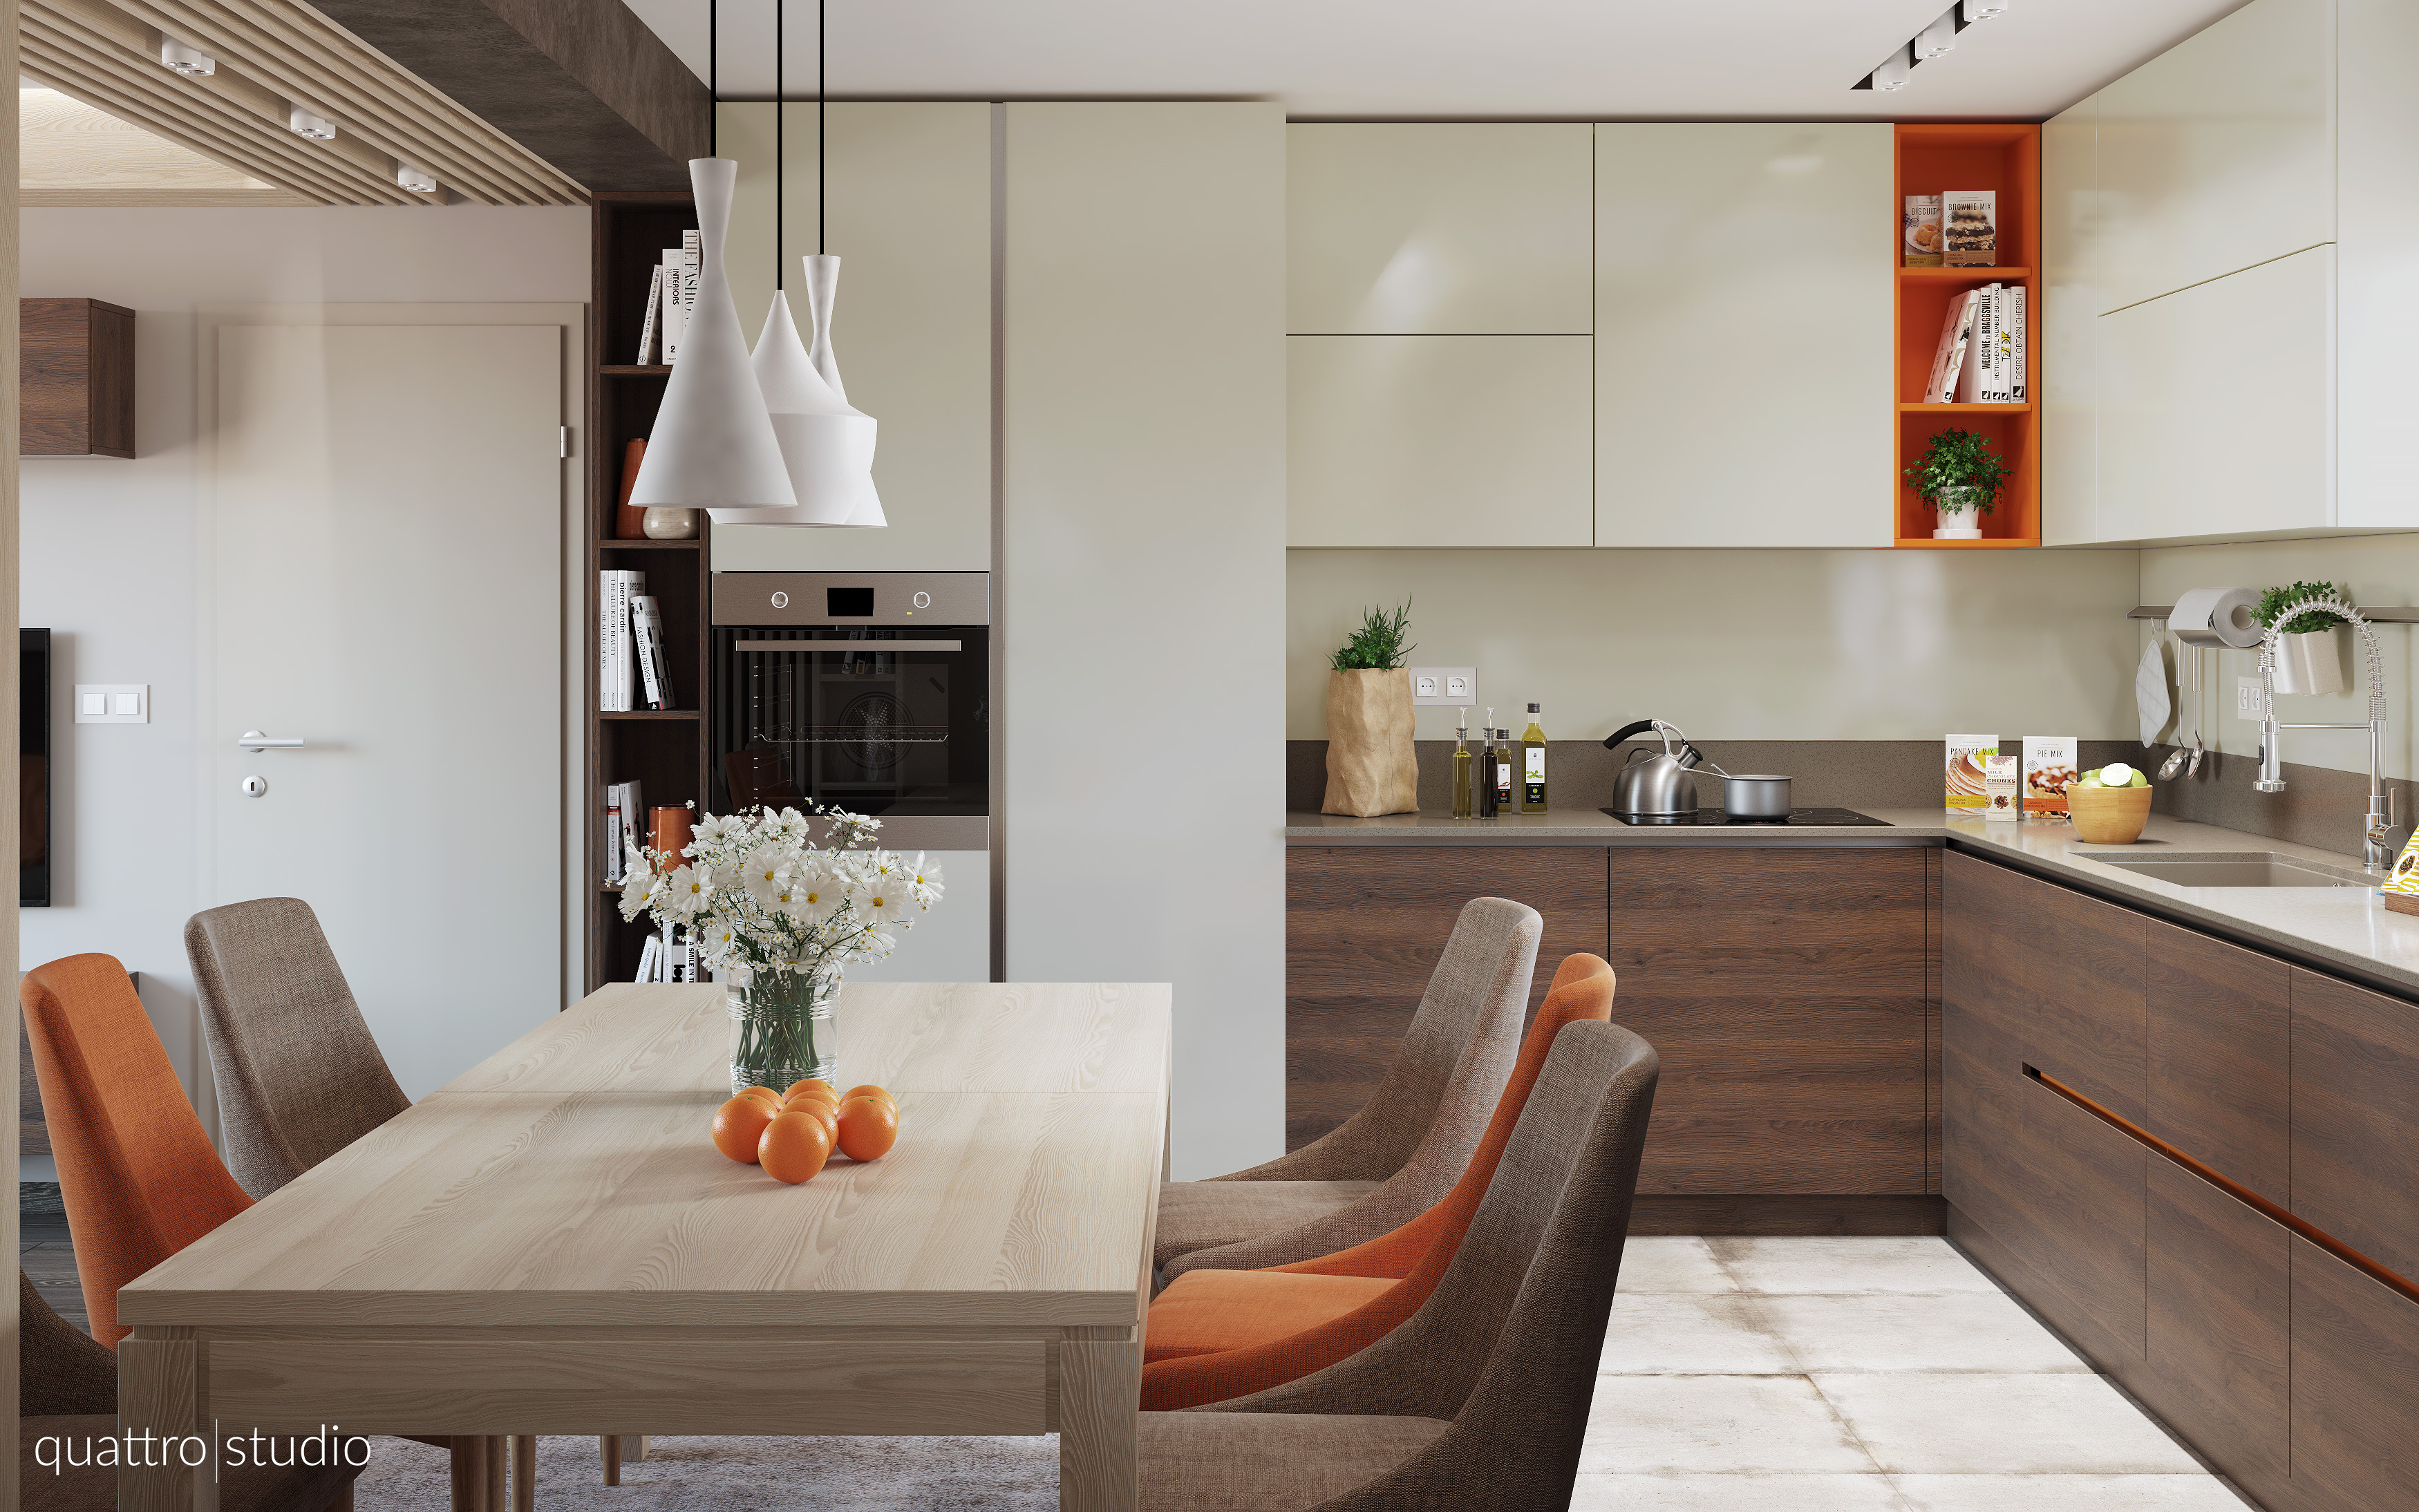 Interior design of apartment 90m2 – Quattro Studio